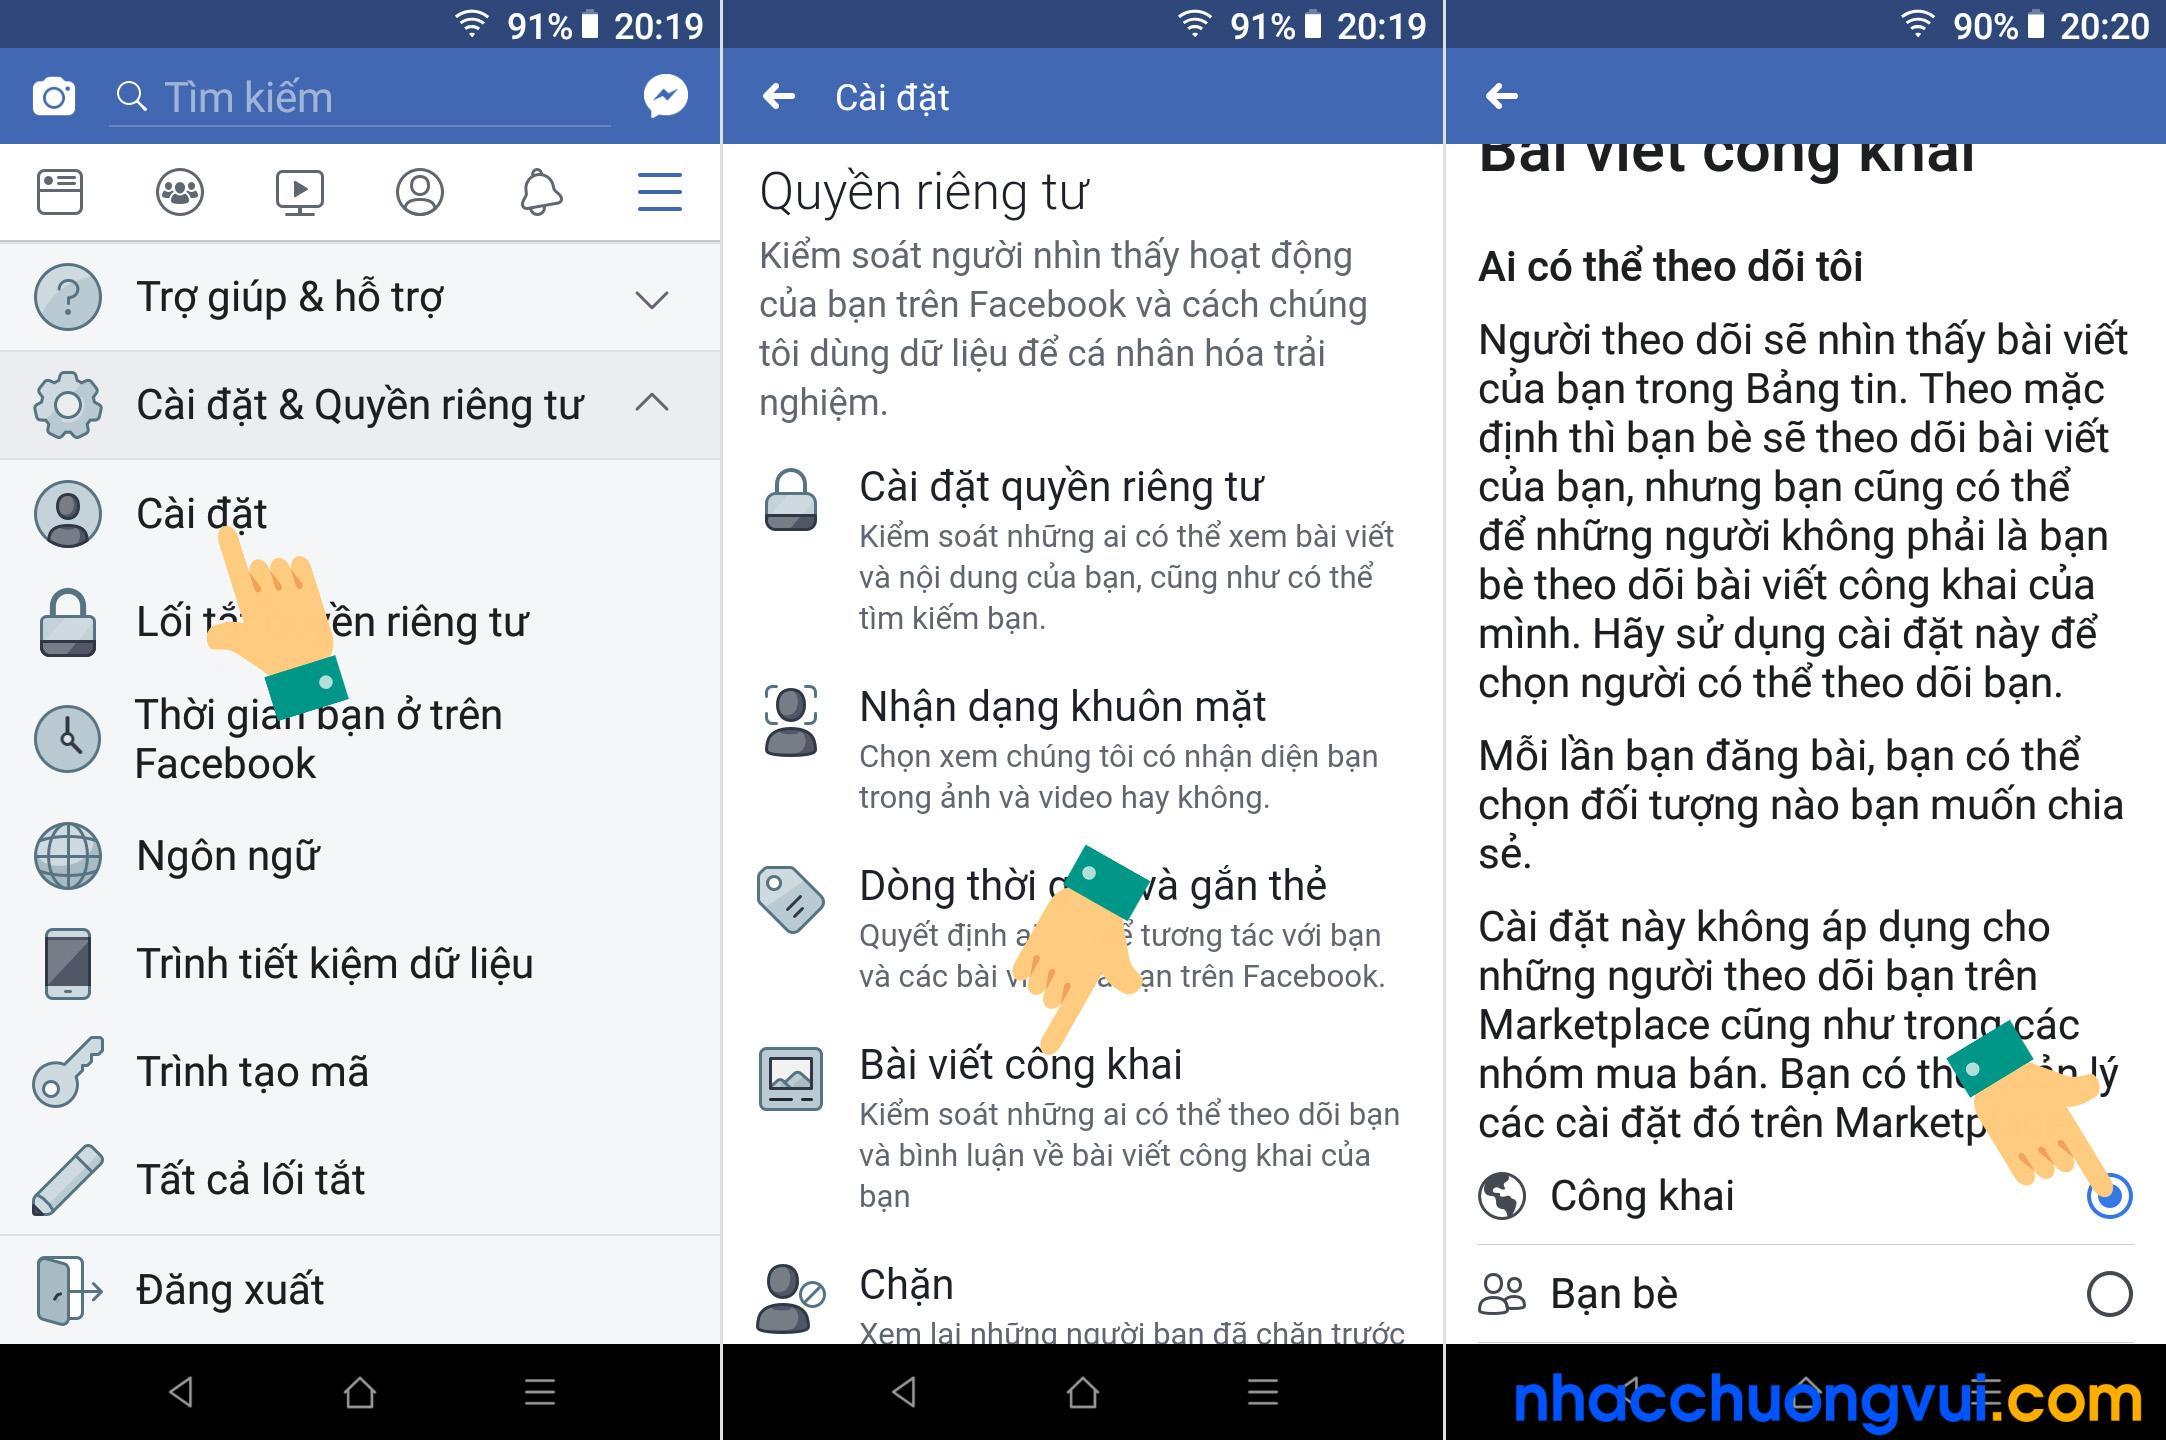 Cách bật nút theo dõi Facebook trên điện thoại